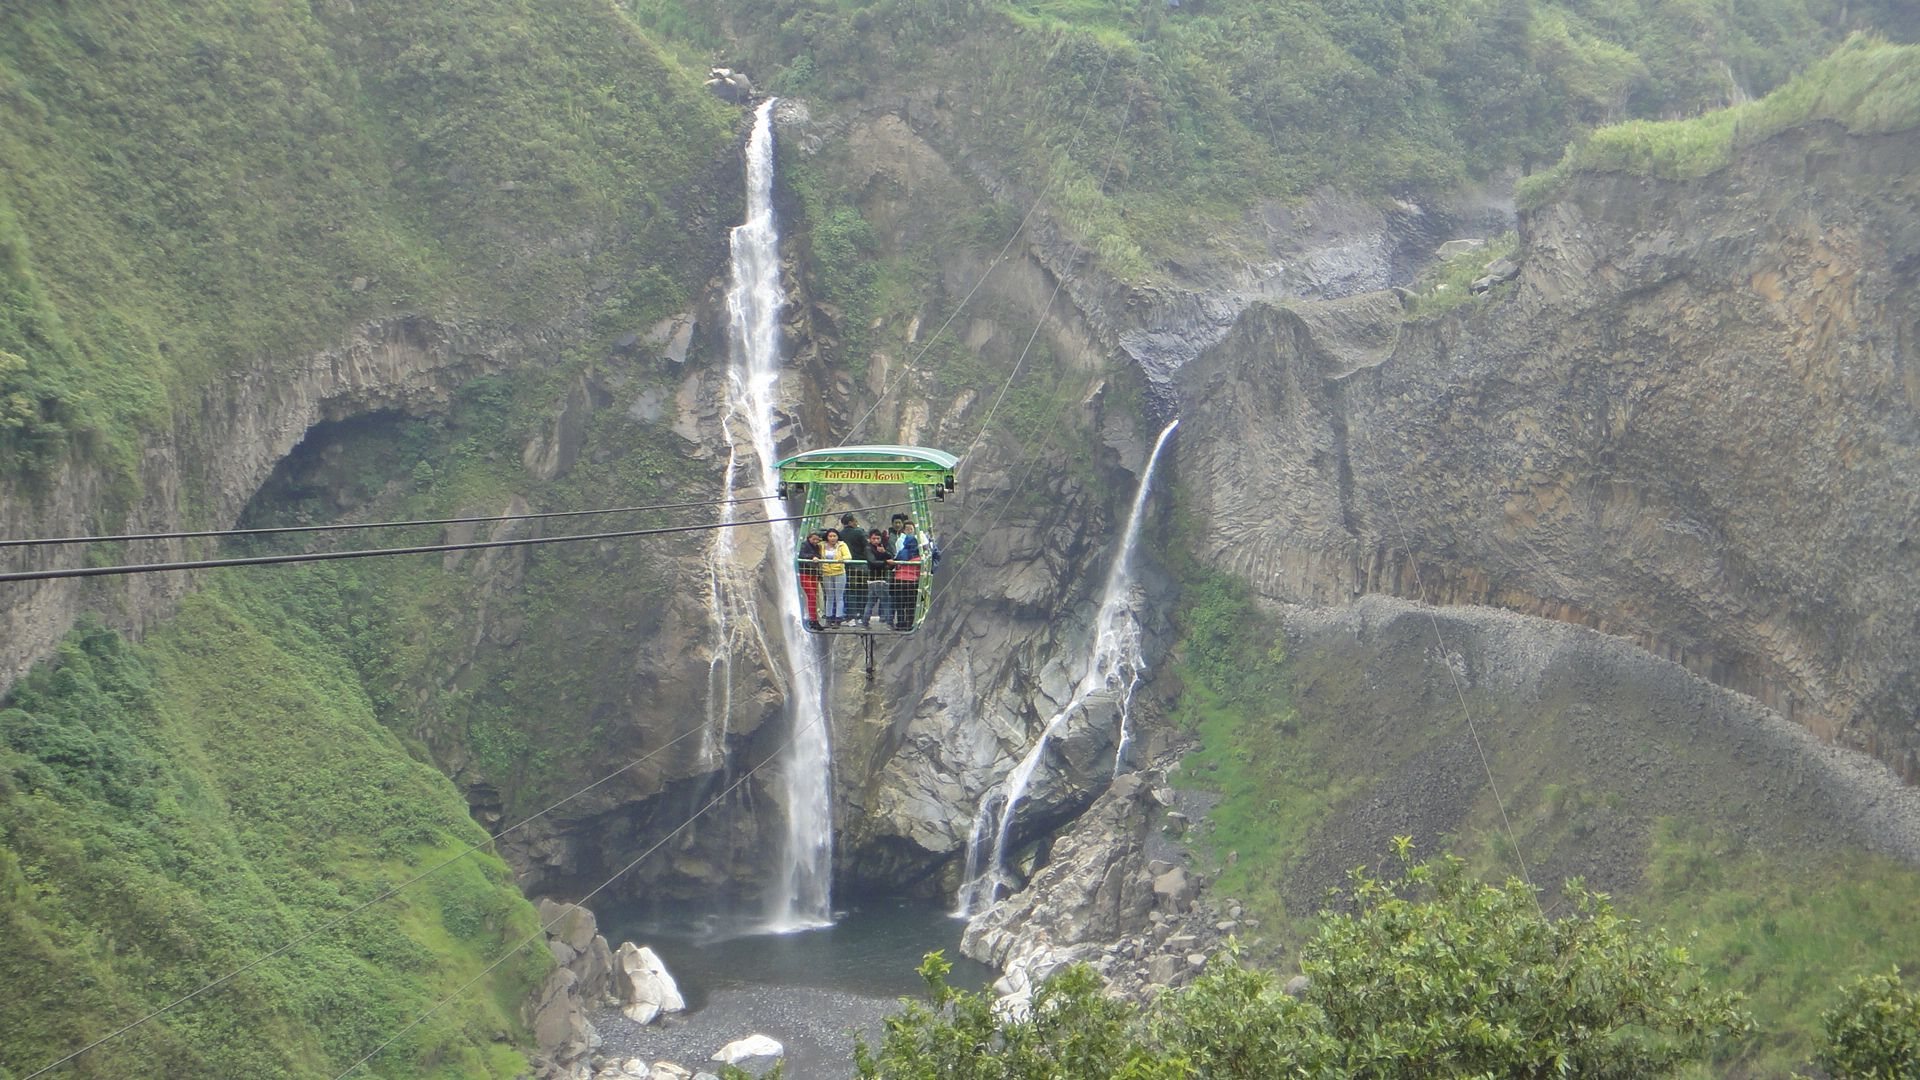 Ruta das Cascadas e as famosas tarabitas que cruzam os penhascos e cachoeiras da região de Baños - Equador.  Abraços, casal Gomes pelo mundo!  Encontre-nos nas redes sociais: Facebook: https://www.facebook.com/pages/VTL-Virtual-Tour-by-Luziete/289581344561316 Twitter: @VTLbyluziete Pinterest: virtualtourbyLuziete Instagram: @virtualtourbyluziete Blog: http://virtualtourbyluziete.blogspot.com.br/